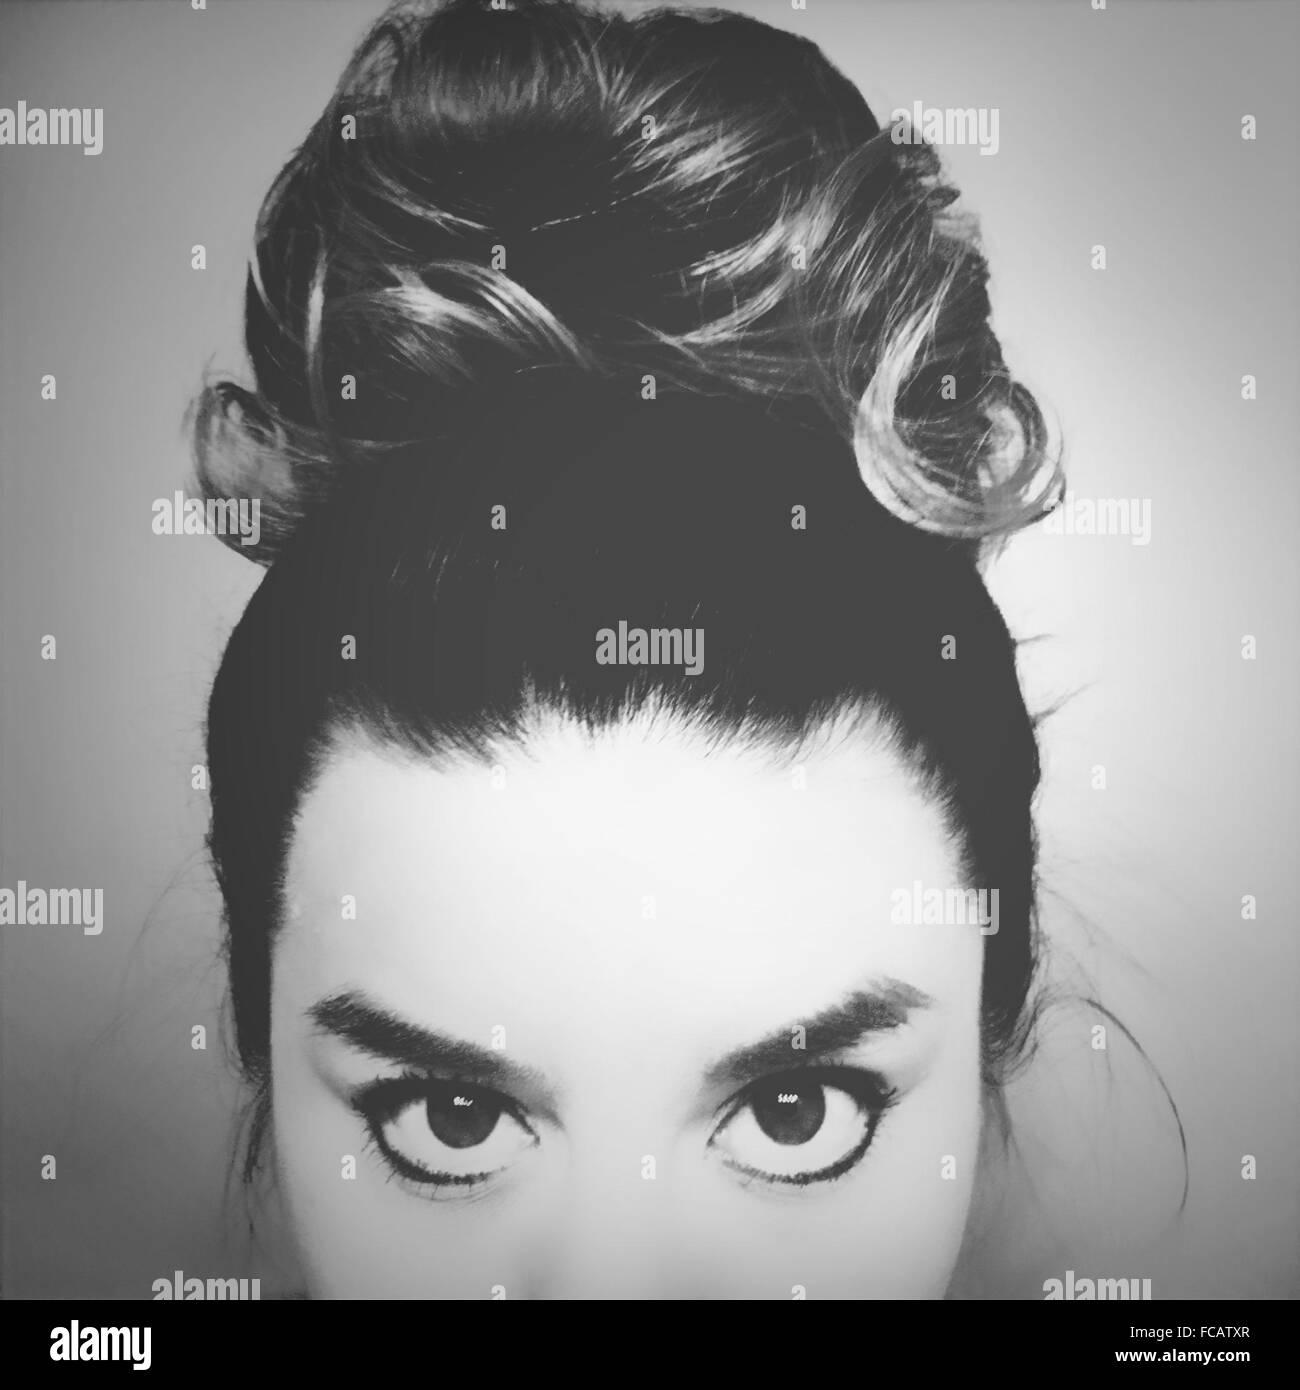 En primer plano el retrato de mujer joven con moño de cabello Imagen De Stock